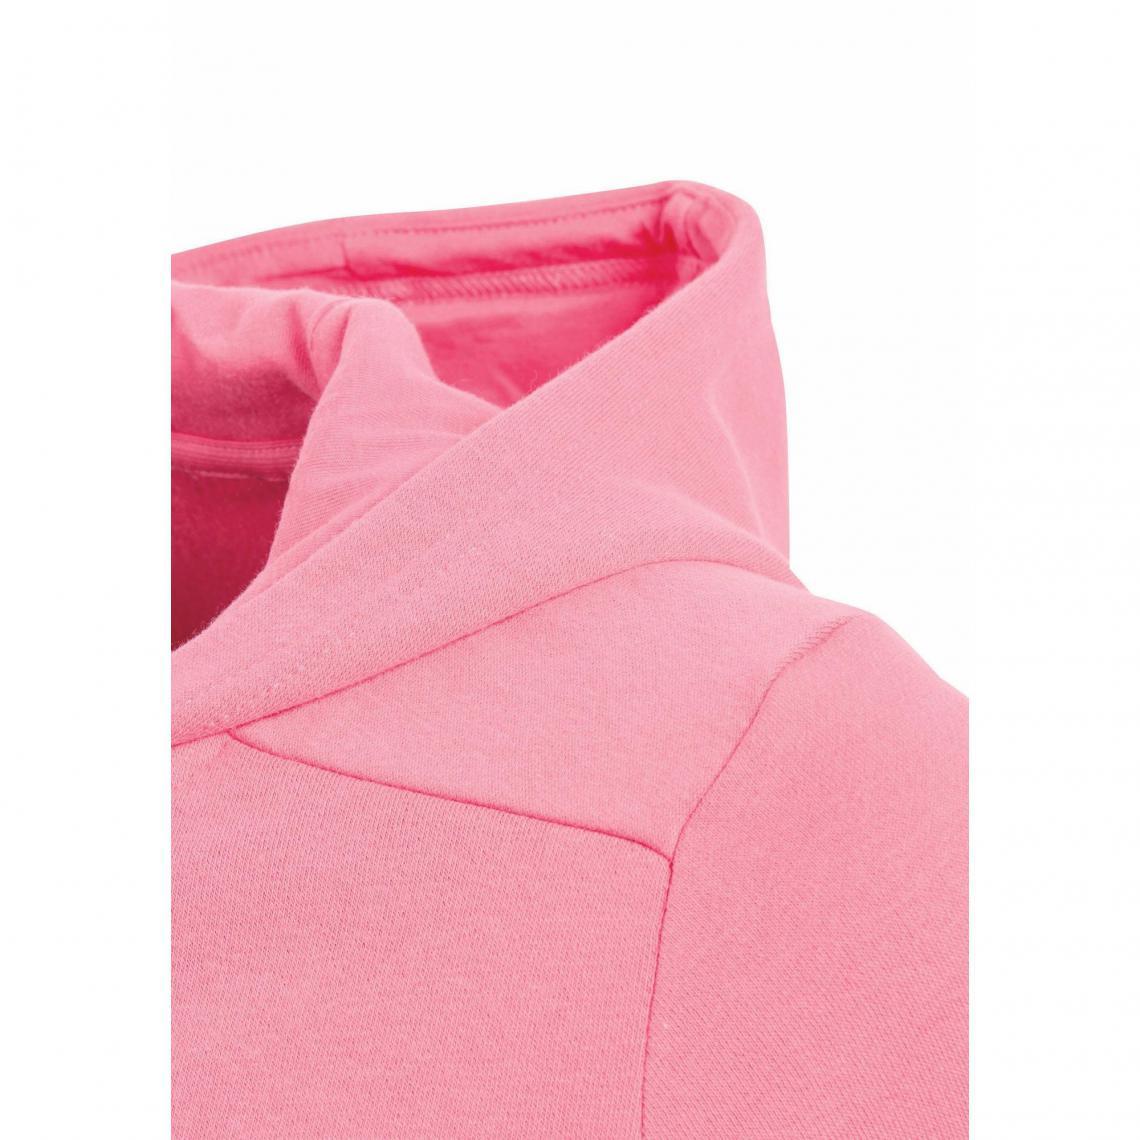 À Rose Enfant Sweat Capuche Performance 3suisses Adidas Zippé Vif aSzw1qH